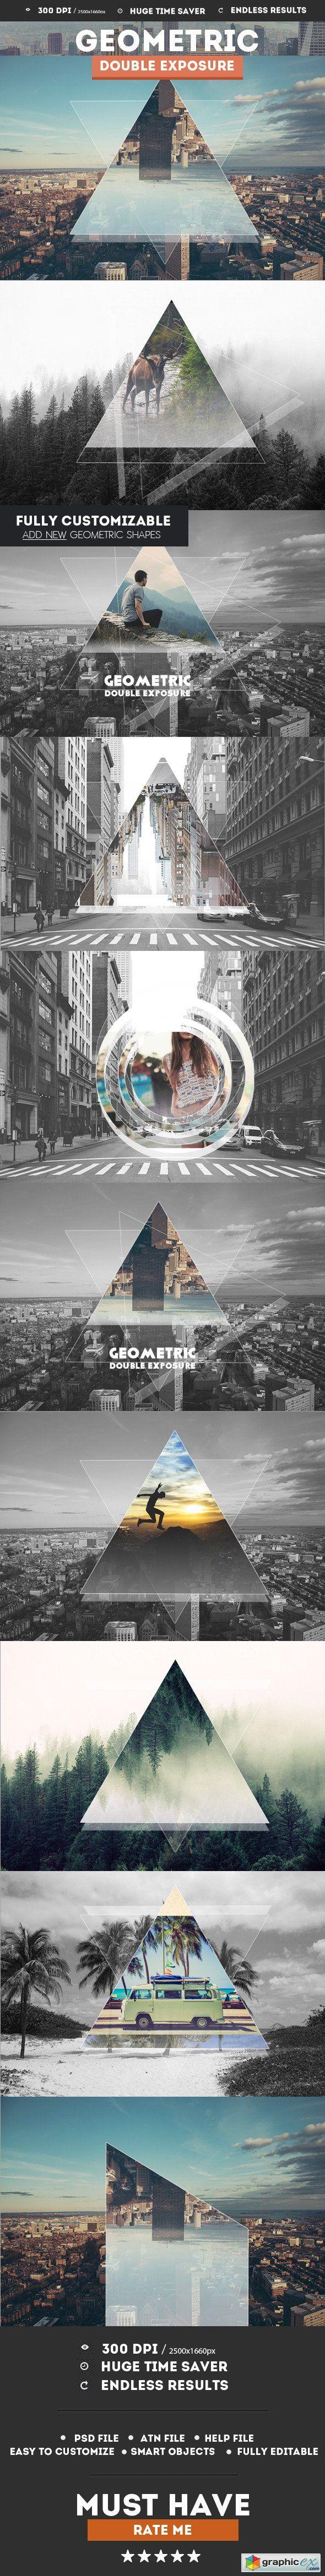 Geometric Double Exposure Photoshop Creator